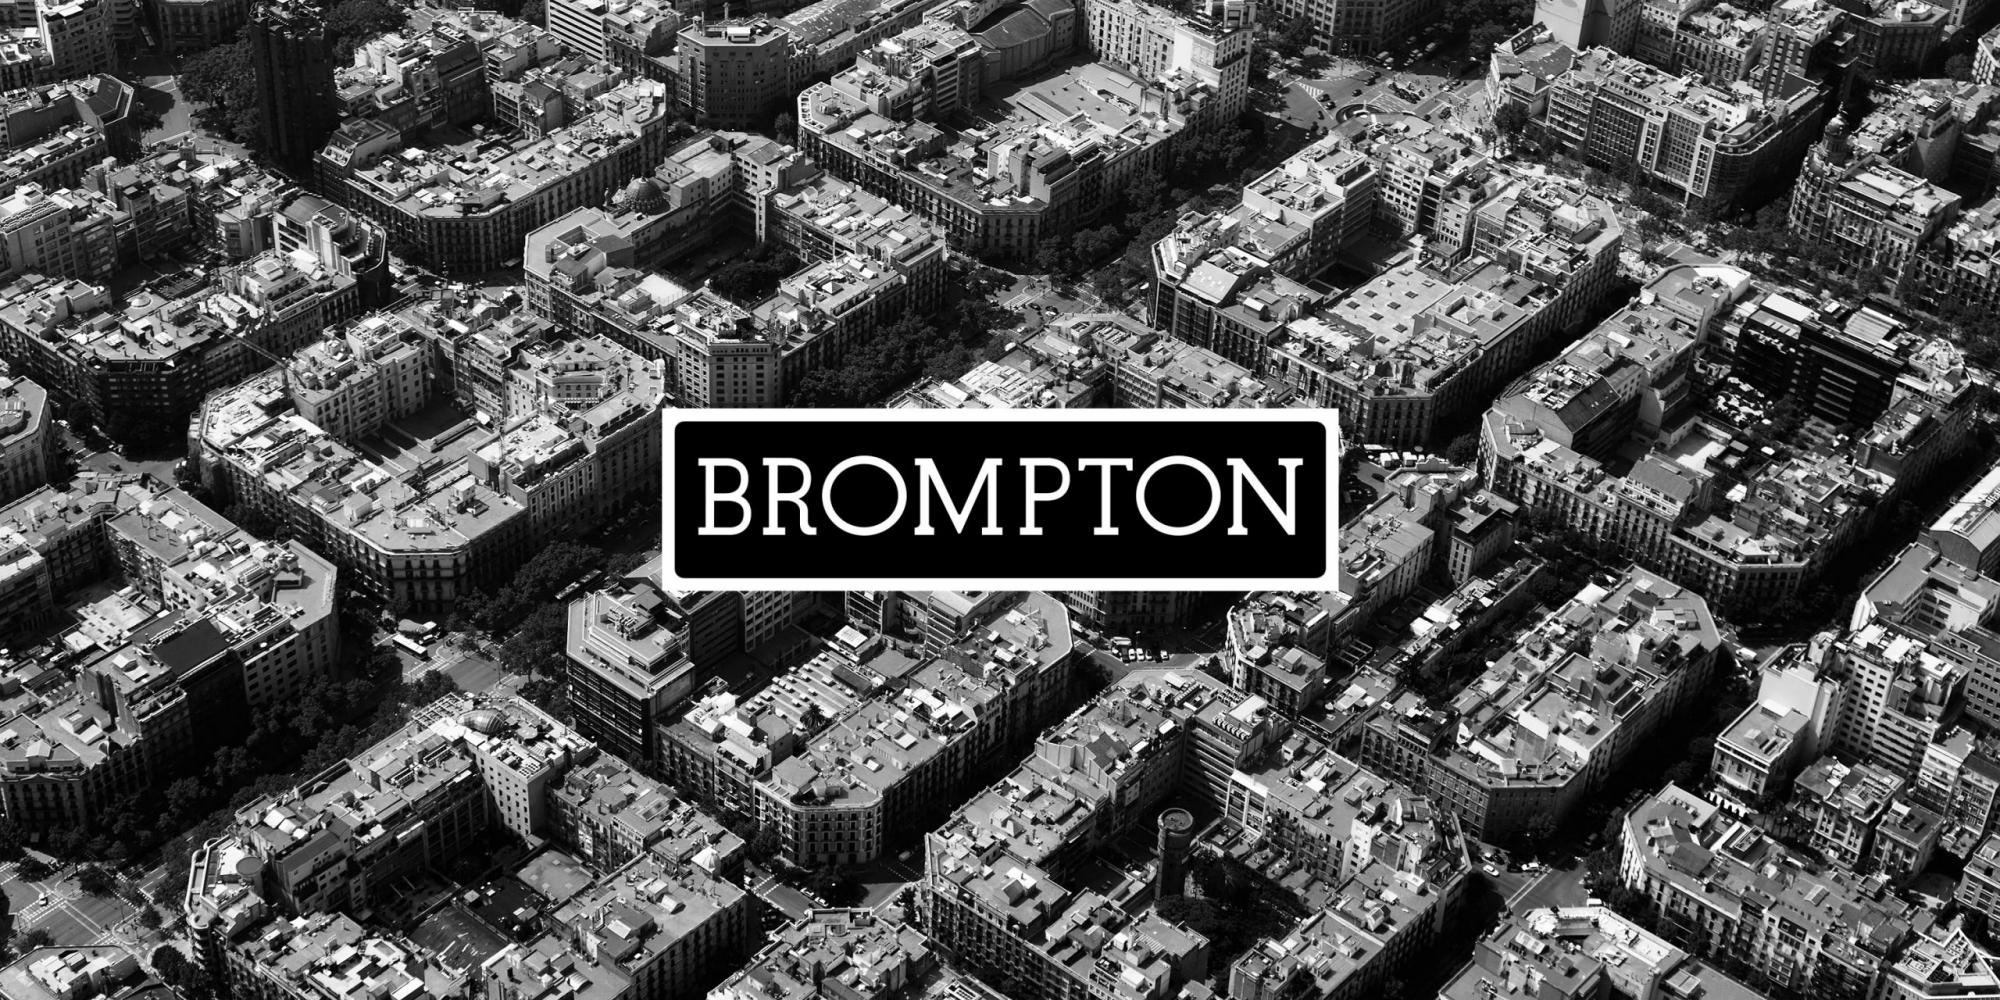 brompton-web-04